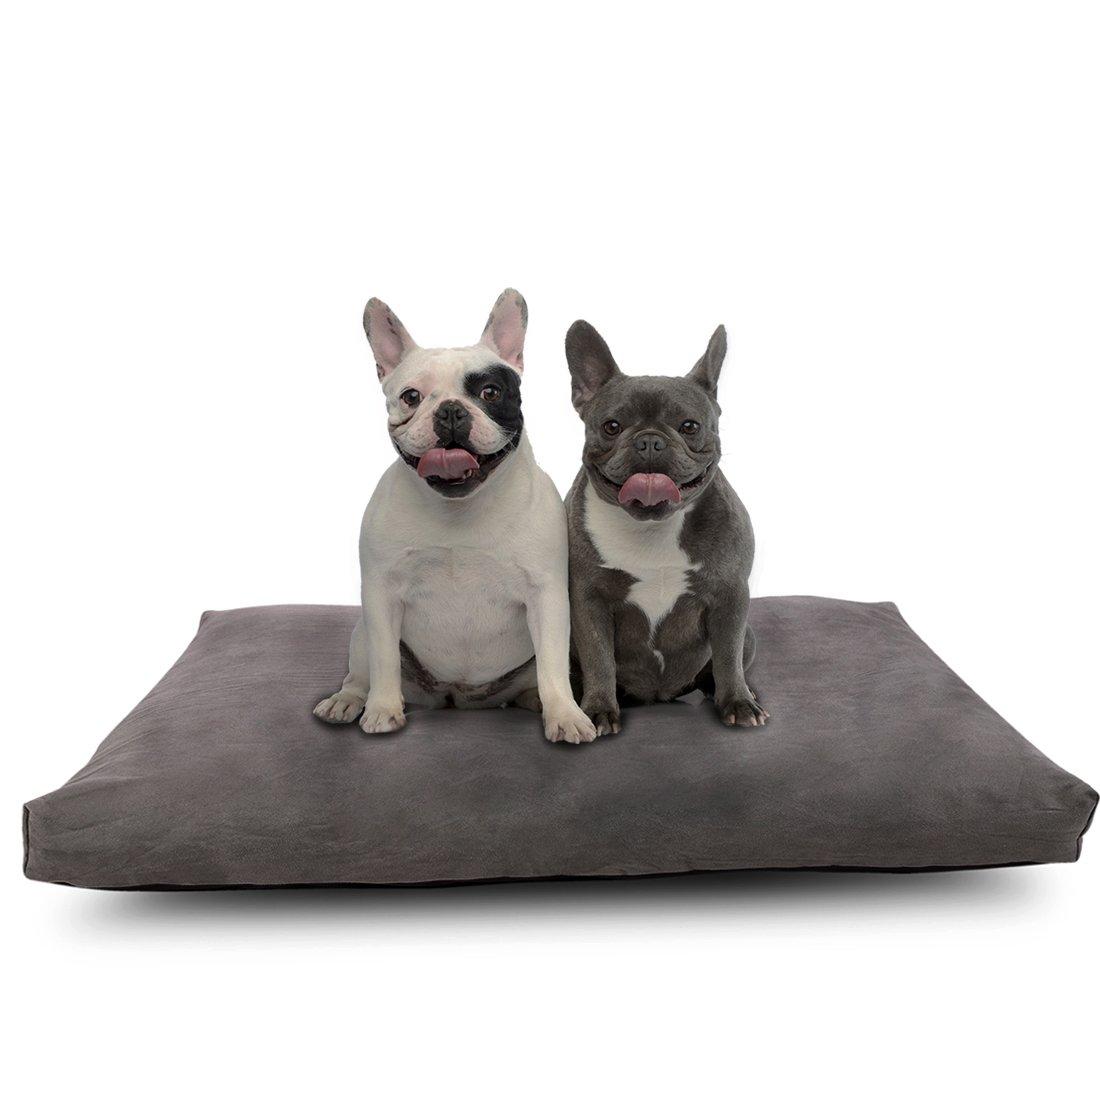 Comfort & Relax Pet Bed